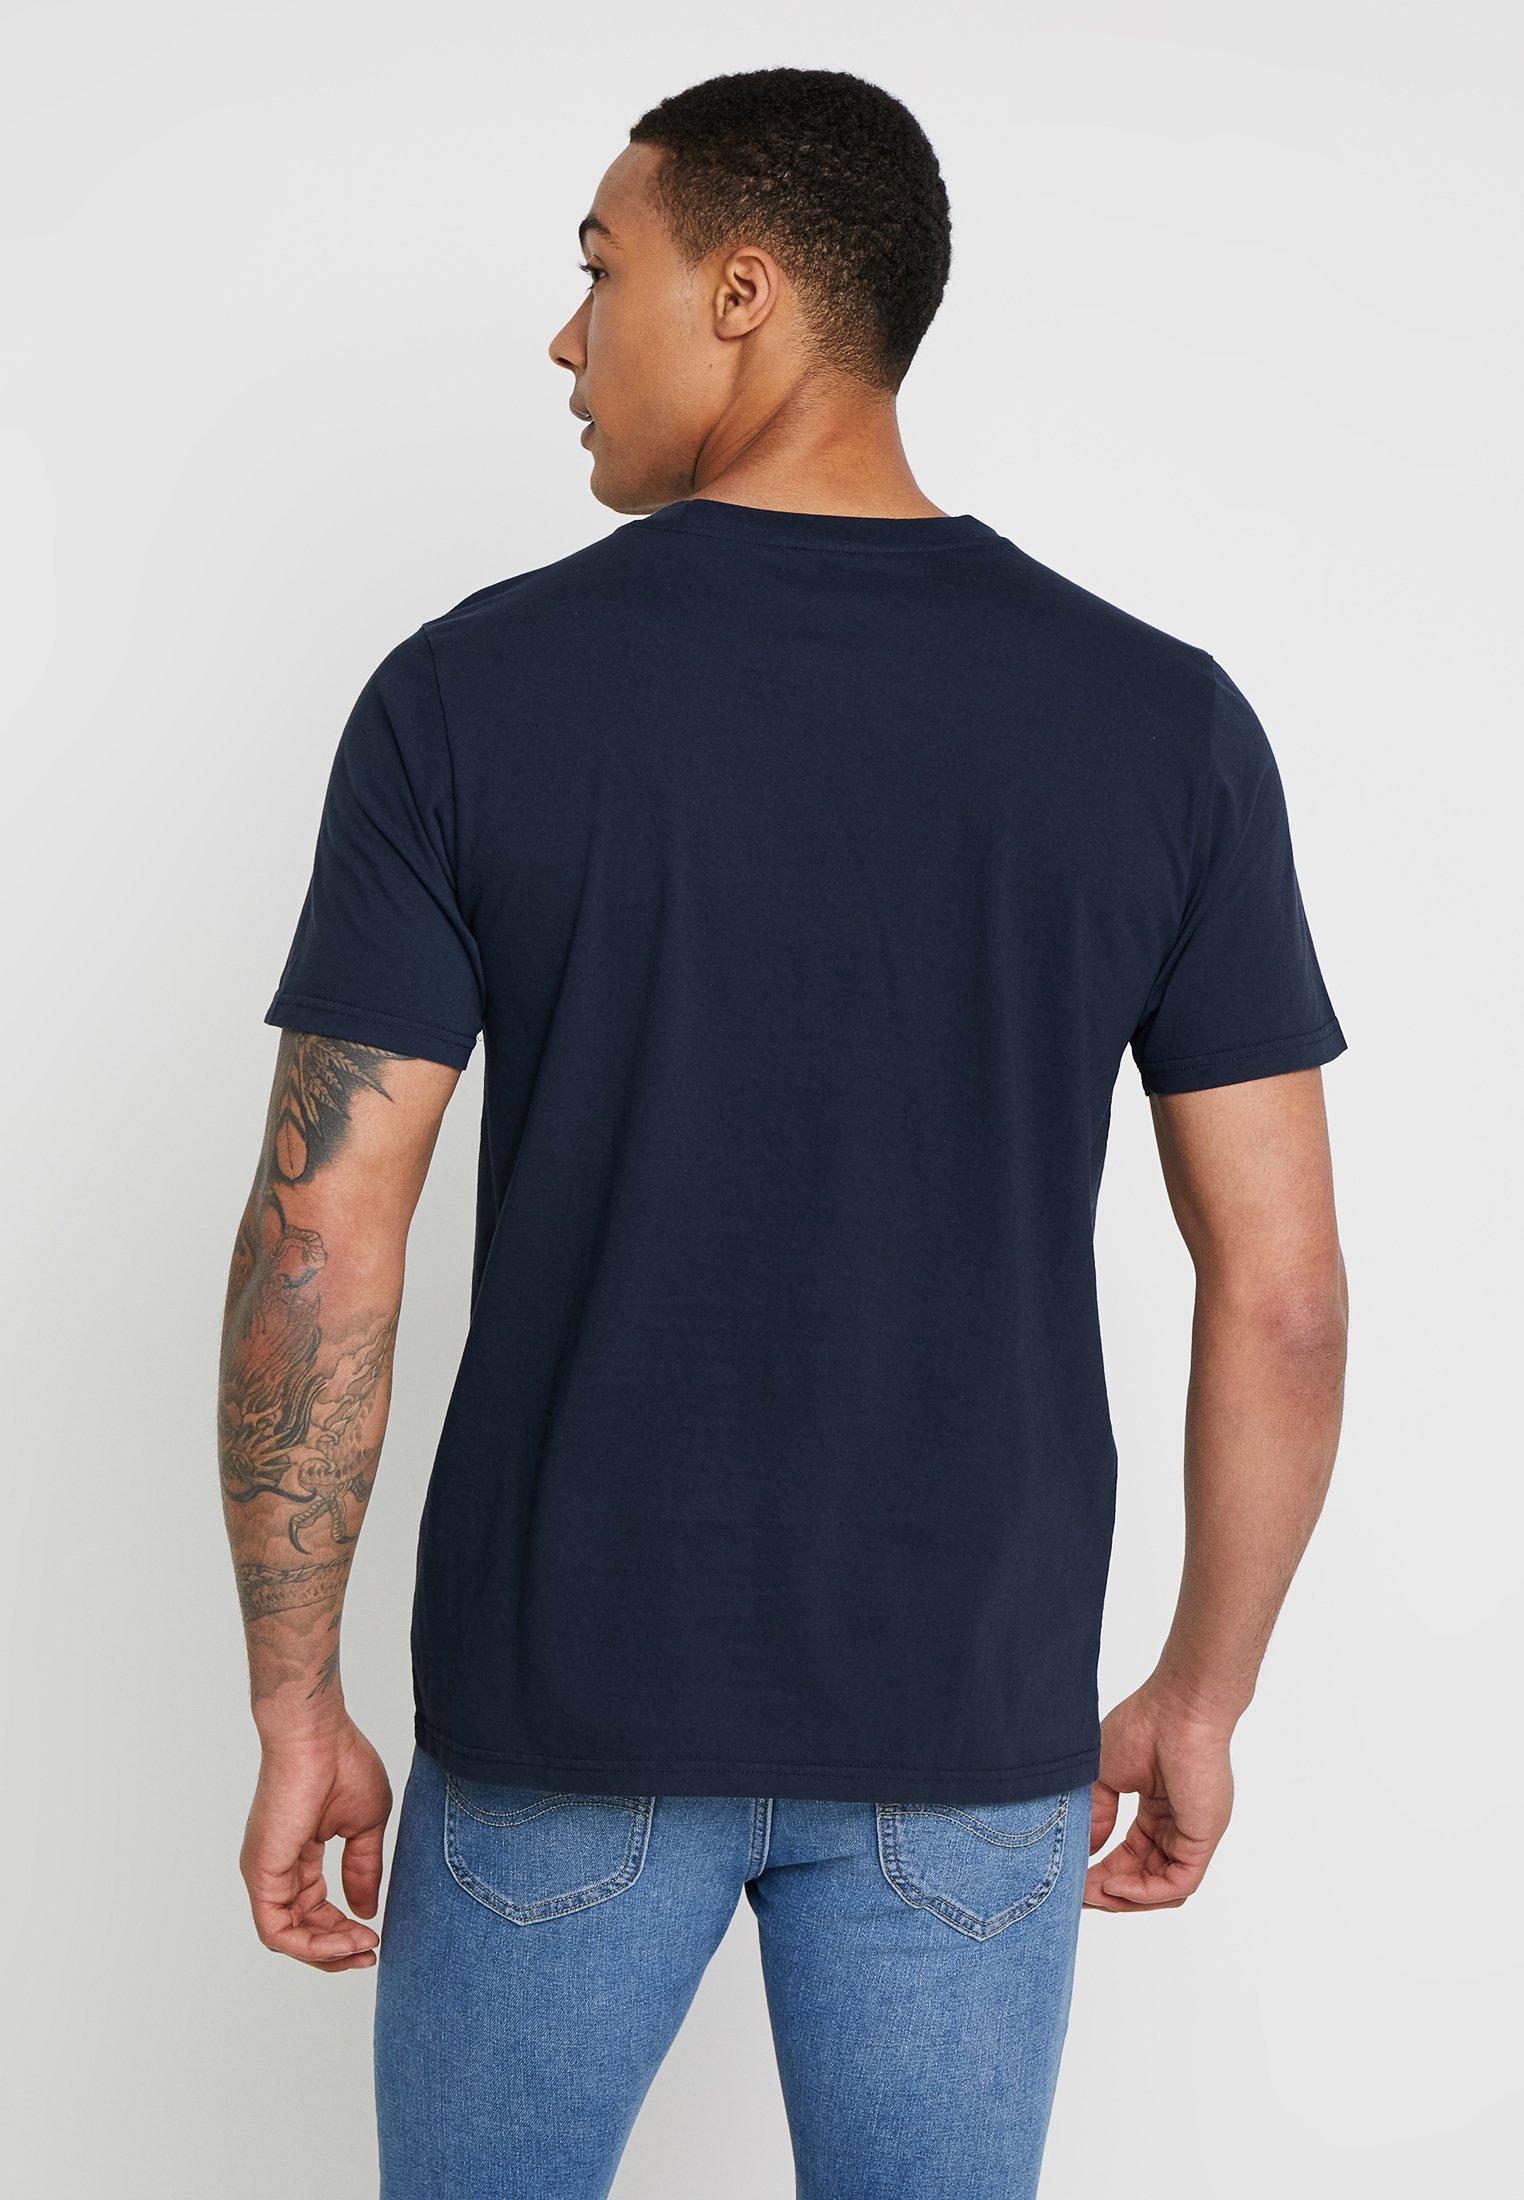 Imprimé Navy shirt TeeT Midnight Emblem Lee kZTOXPui